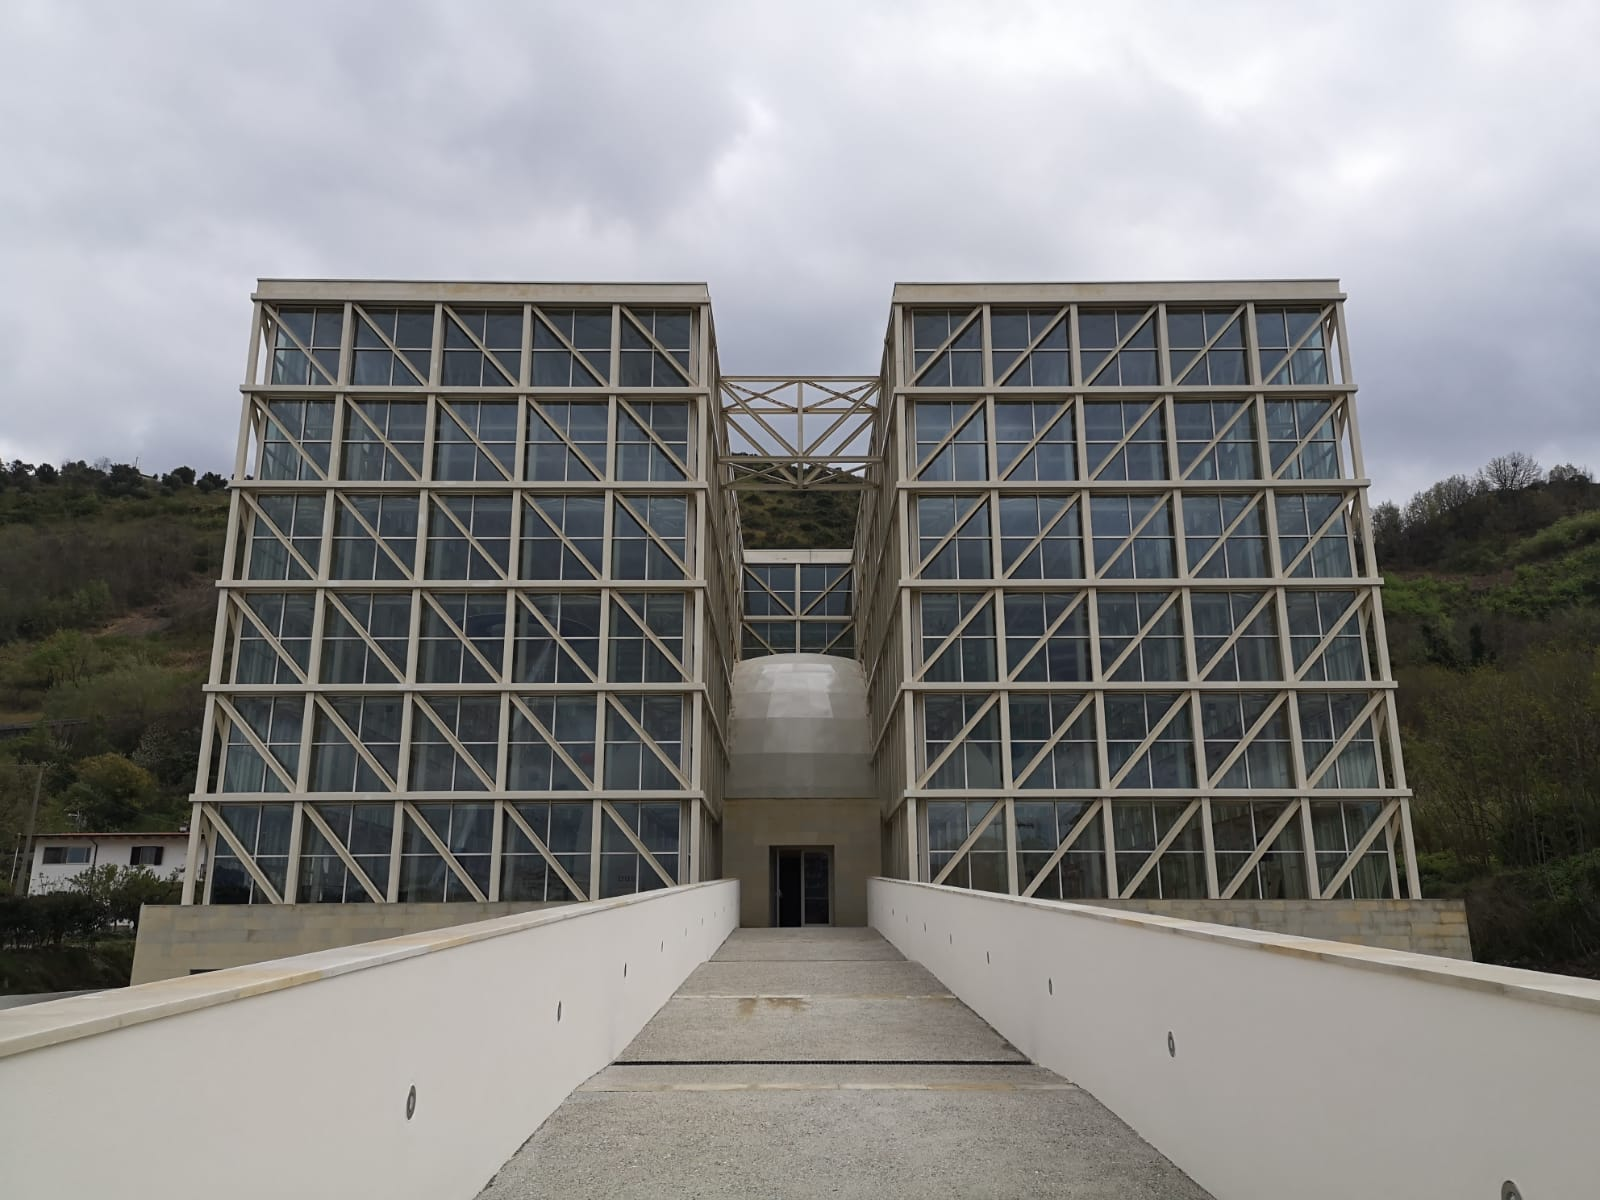 Apre il planetario Giovan Battista AmicoA Cosenza una della strutture più innovative